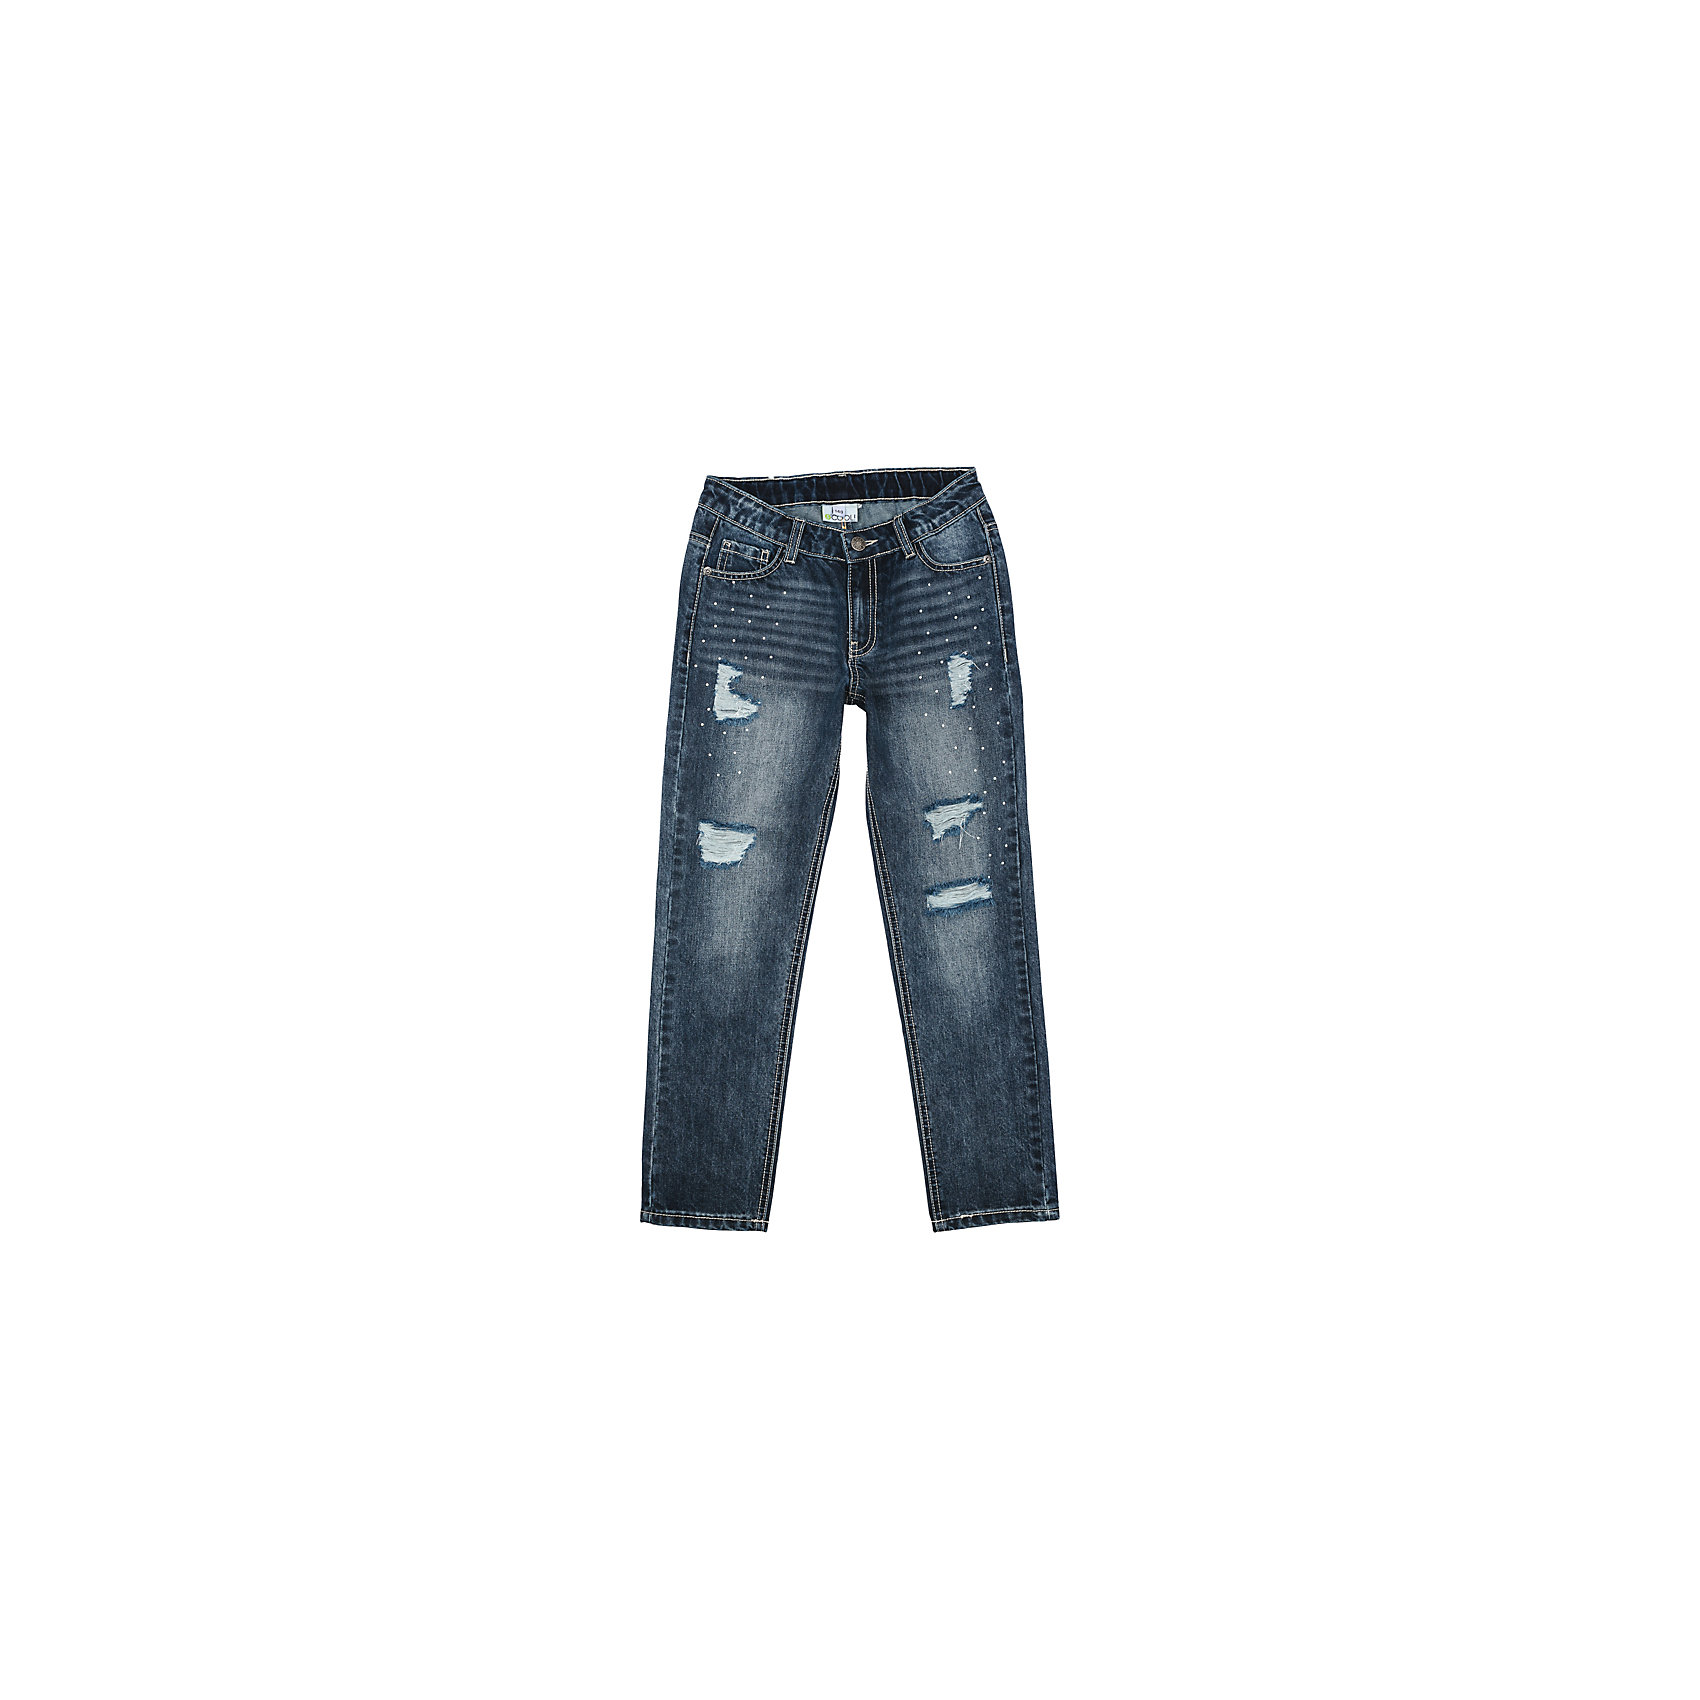 Джинсы для девочки ScoolДжинсовая одежда<br>Джинсы для девочки Scool<br>Джинсы джинсы из натуральной ткани с эффектом потертости прекрасно подойдут Вашему ребенку для отдыха и прогулок. Модель со шлевками, при необходимости может быть дополнена ремнем. Модель декорирована яркими стразами. Джинсы могут быть хорошей базовой вещью в детском гардеробе.<br>Состав:<br>100% хлопок<br><br>Ширина мм: 215<br>Глубина мм: 88<br>Высота мм: 191<br>Вес г: 336<br>Цвет: синий<br>Возраст от месяцев: 156<br>Возраст до месяцев: 168<br>Пол: Женский<br>Возраст: Детский<br>Размер: 164,134,140,146,152,158<br>SKU: 5407015